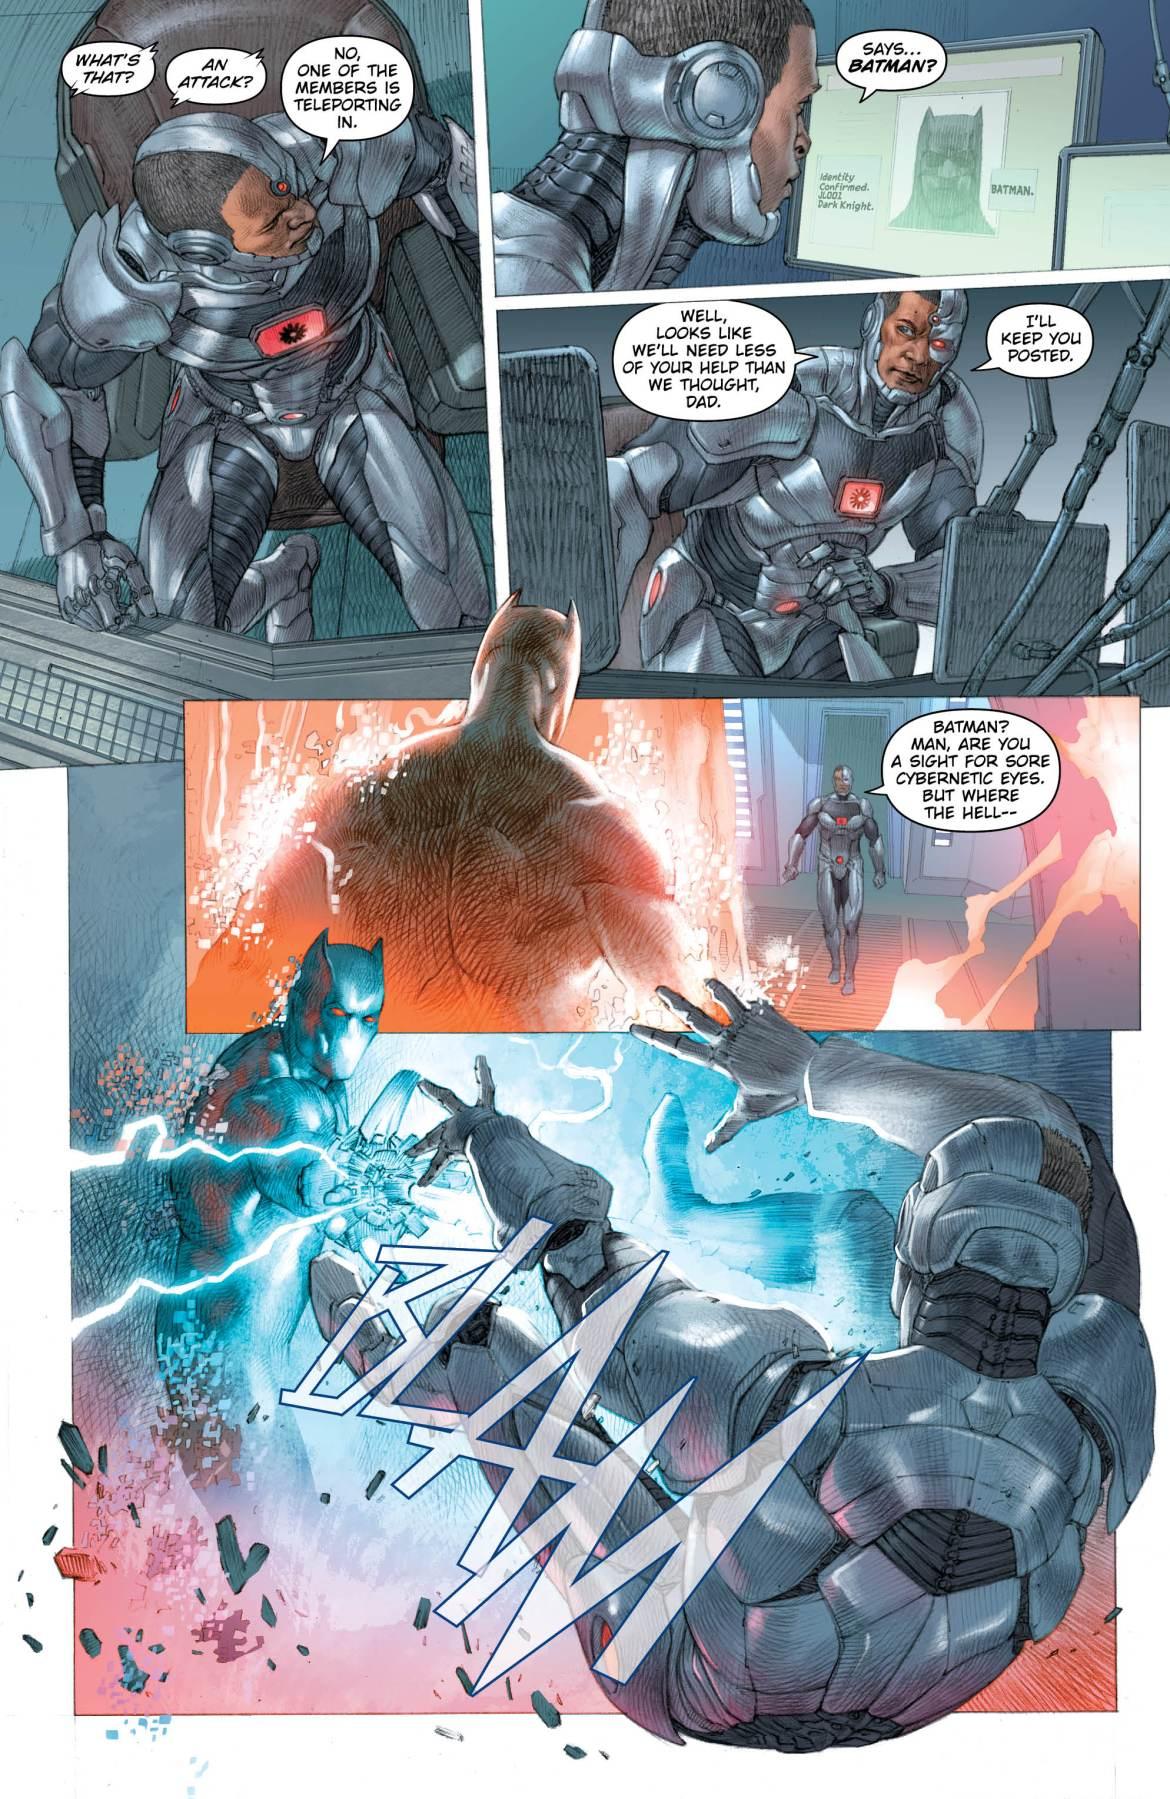 Batman Murder Machine 3 - DC Comics News